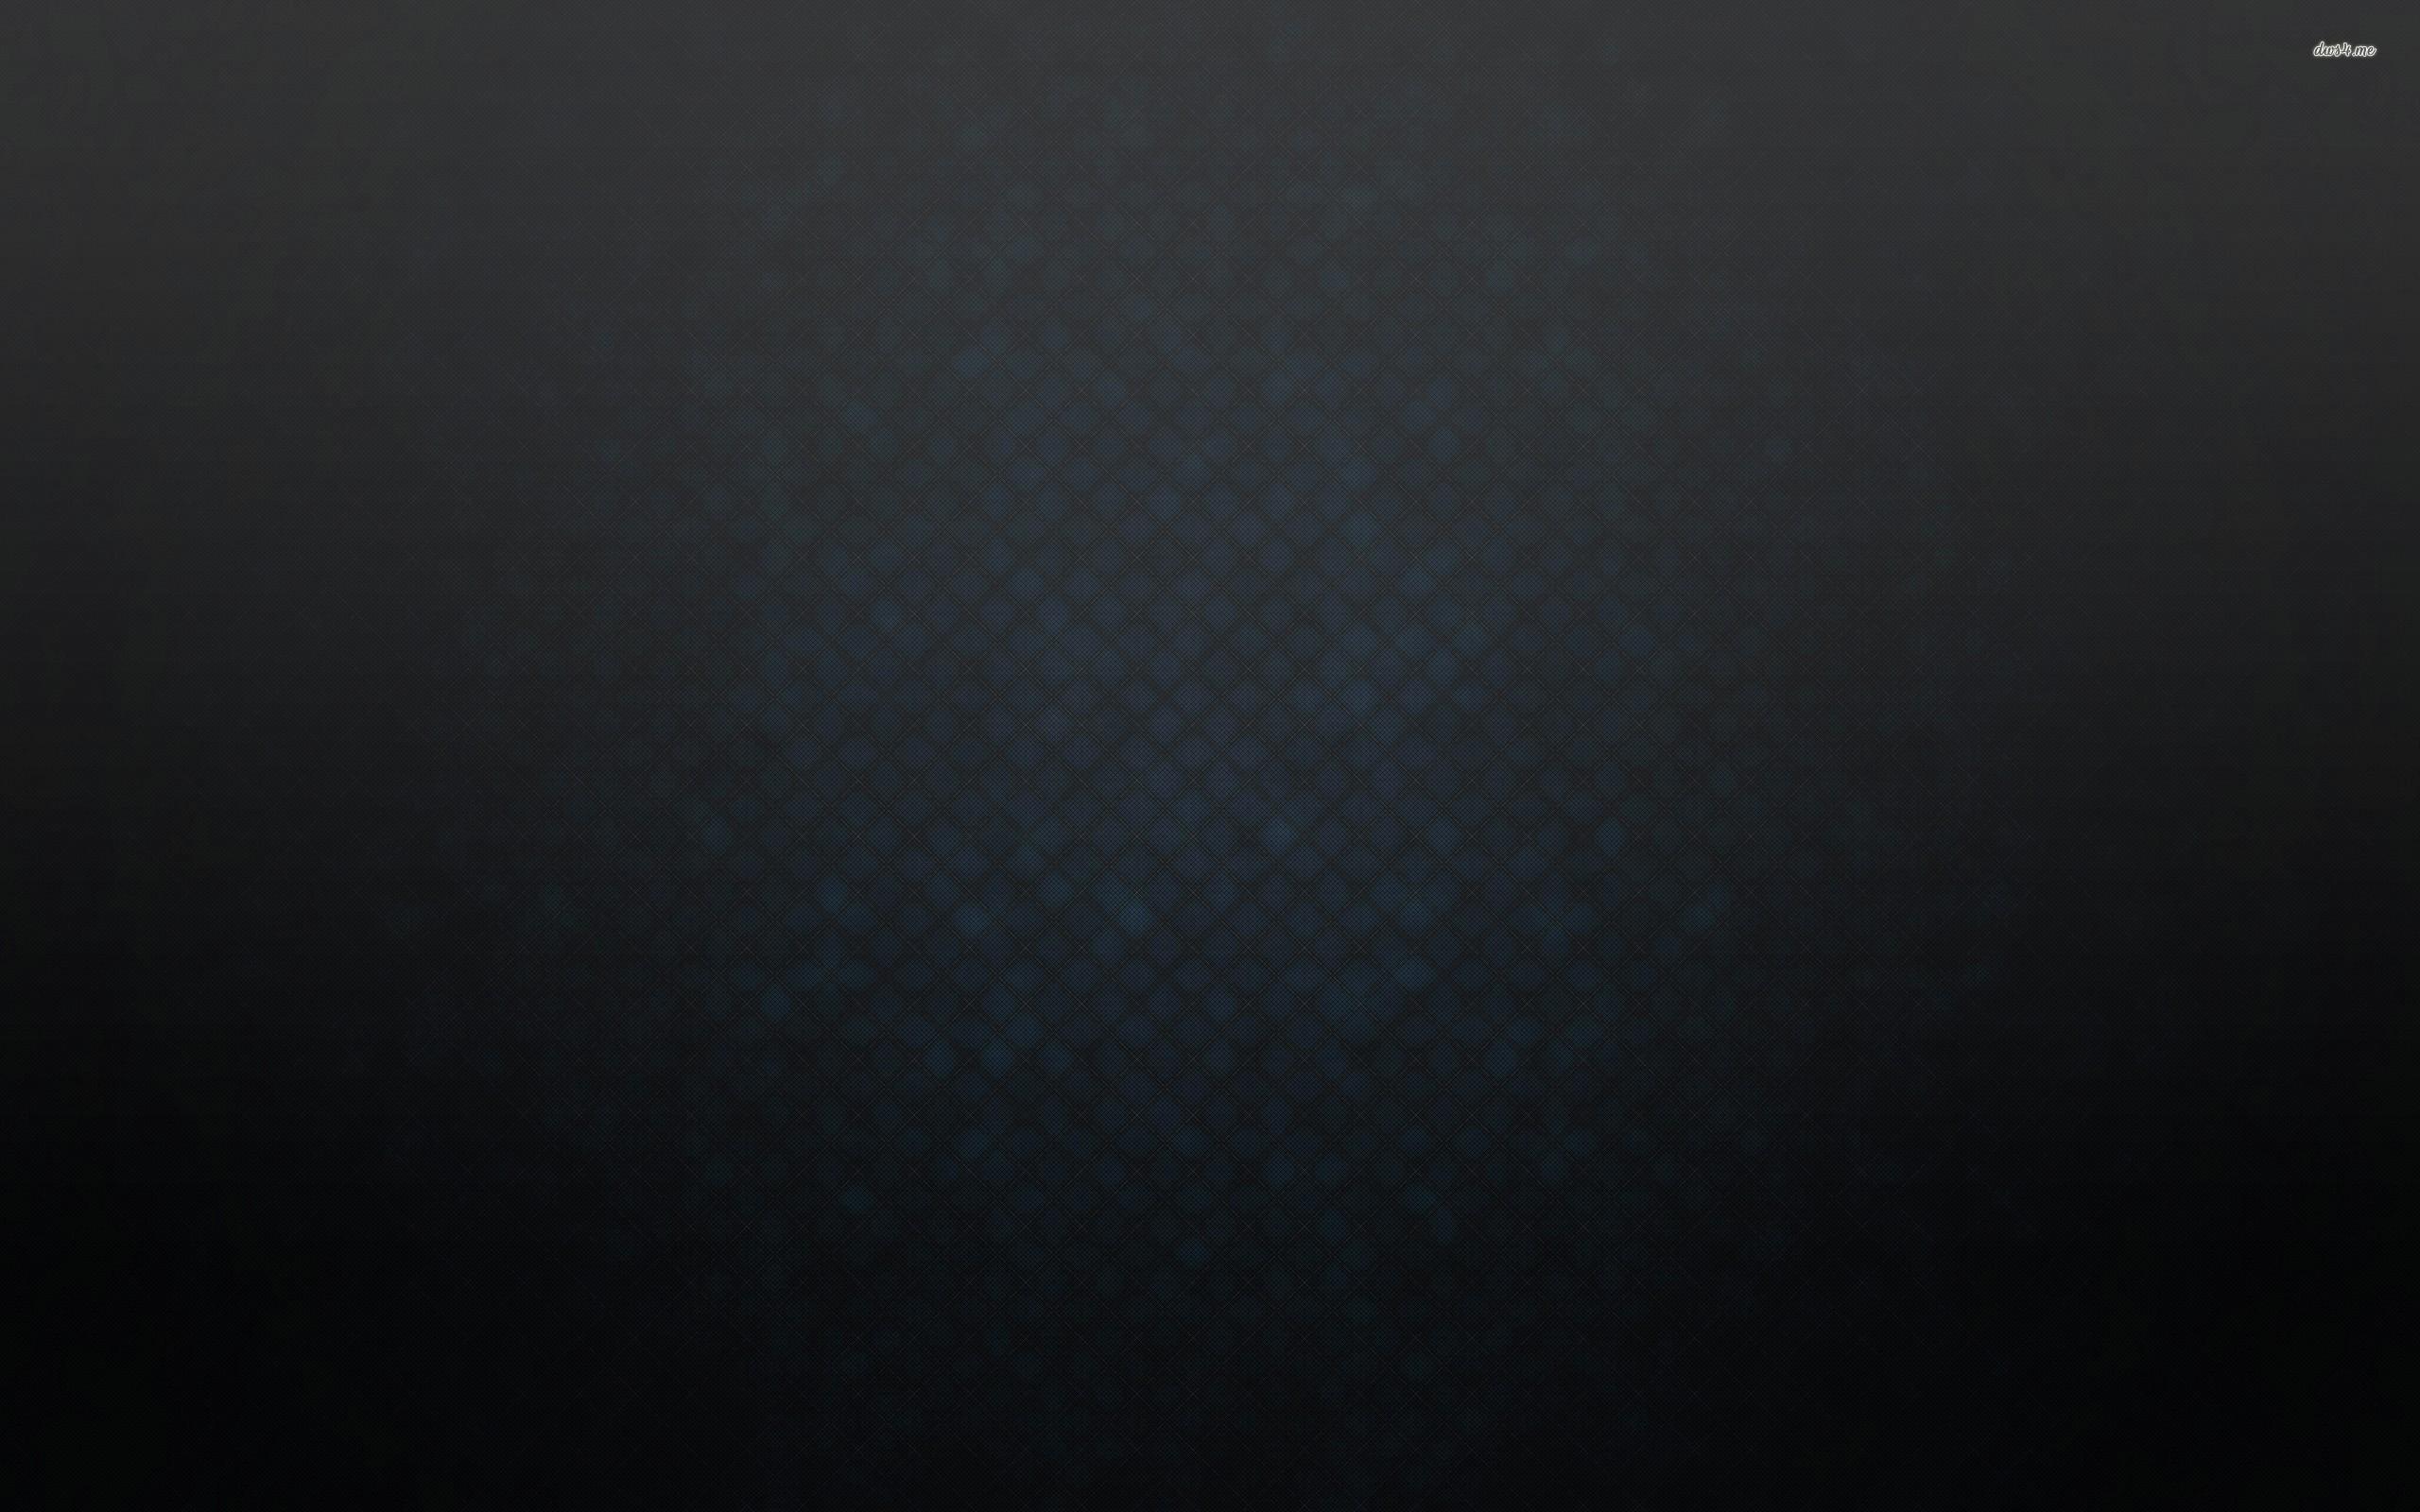 chalkboard wallpaper8 - photo #7